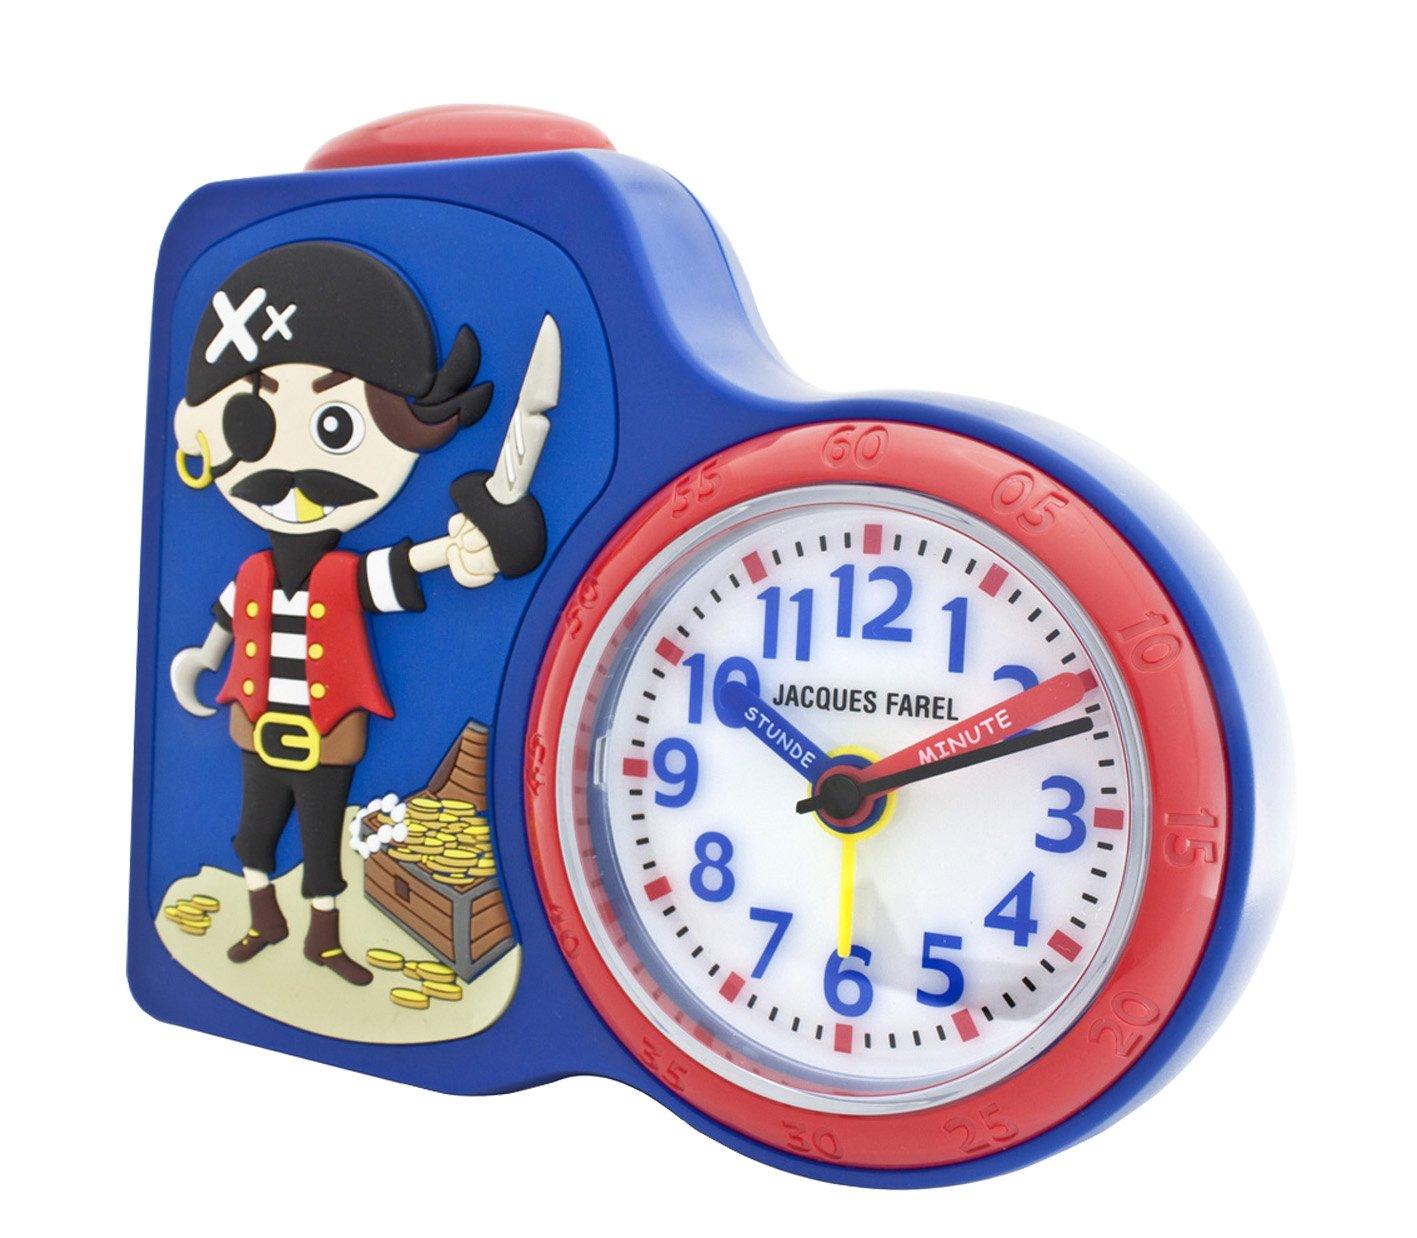 Jacques Farel Kids: Kinder-Wecker kleiner Pirat – Lernwecker mit Beleuchtung und Repetition / mit Lineal, Sticker & Radiergummi günstig kaufen